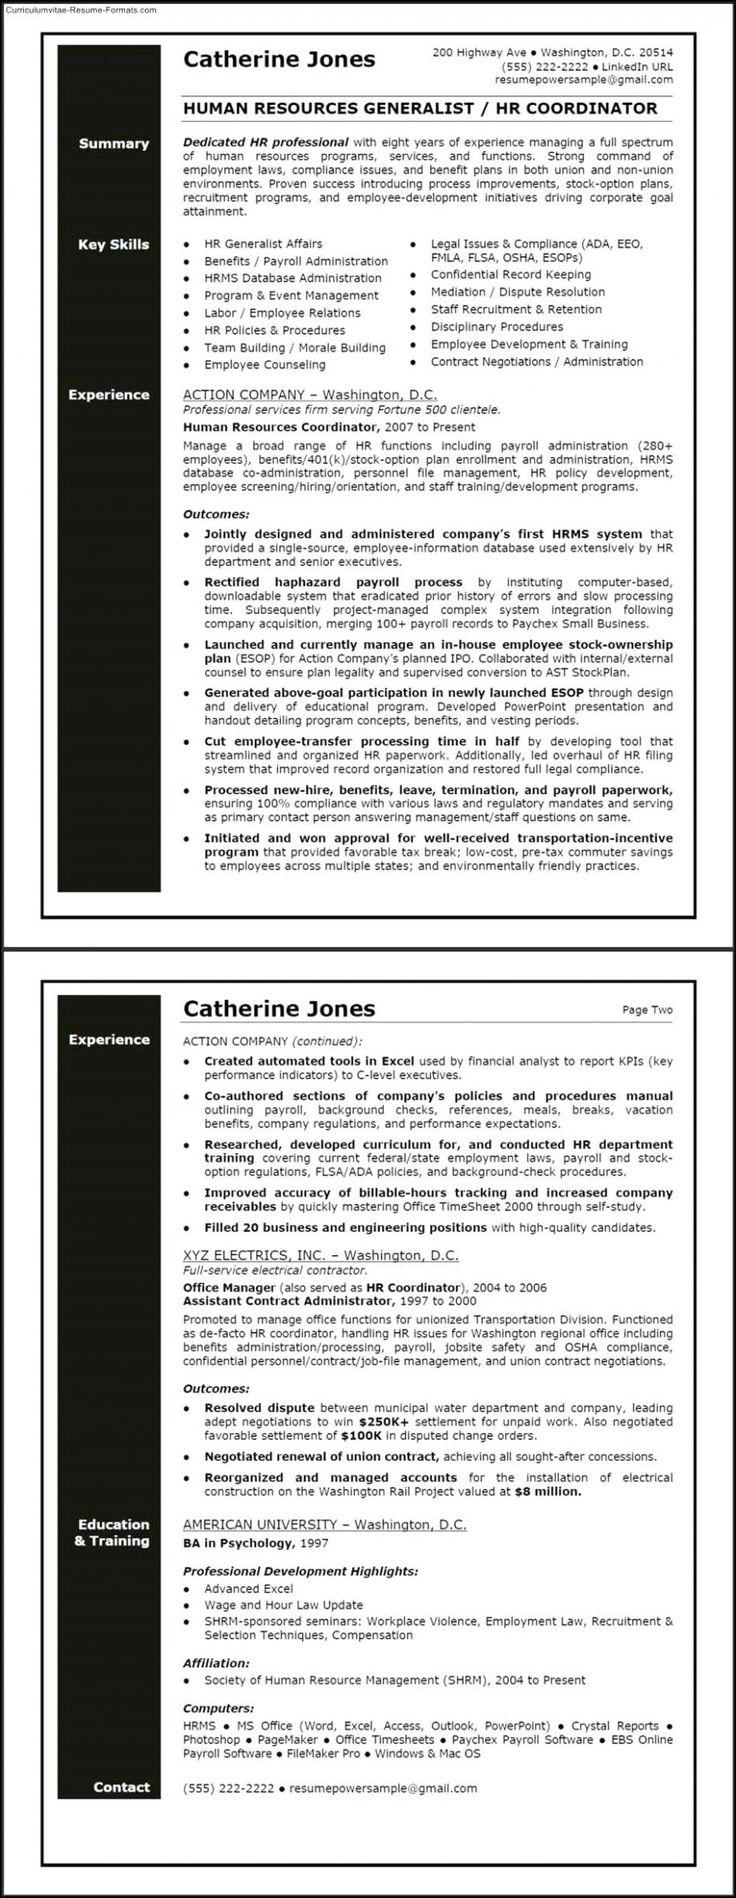 12 Pattern Hr Generalist Resume Human Resources Resume Job Resume Samples Human Resources Resume objective for human resources generalist